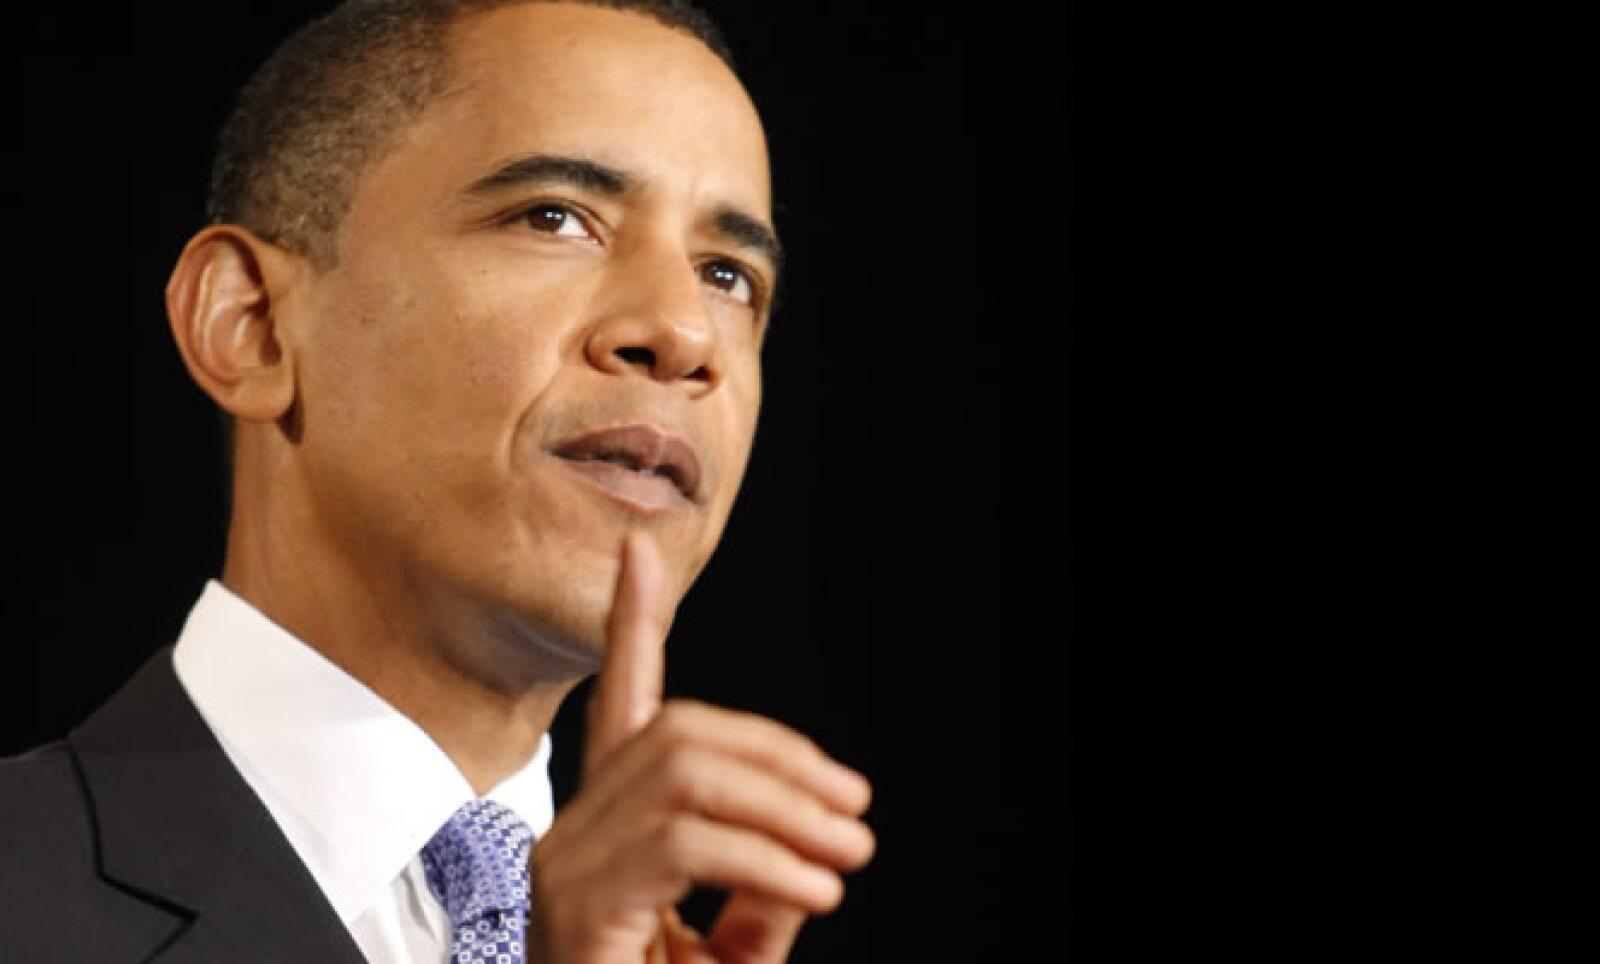 """El presidente de Estados Unidos, Barack Obama, ganó el viernes 9 el premio Nobel de la Paz por dar al mundo """"esperanzas en un futuro mejor""""y por su lucha para el desarme nuclear, en un galardón sorpresivo que desató tanto elogios como duras críticas."""